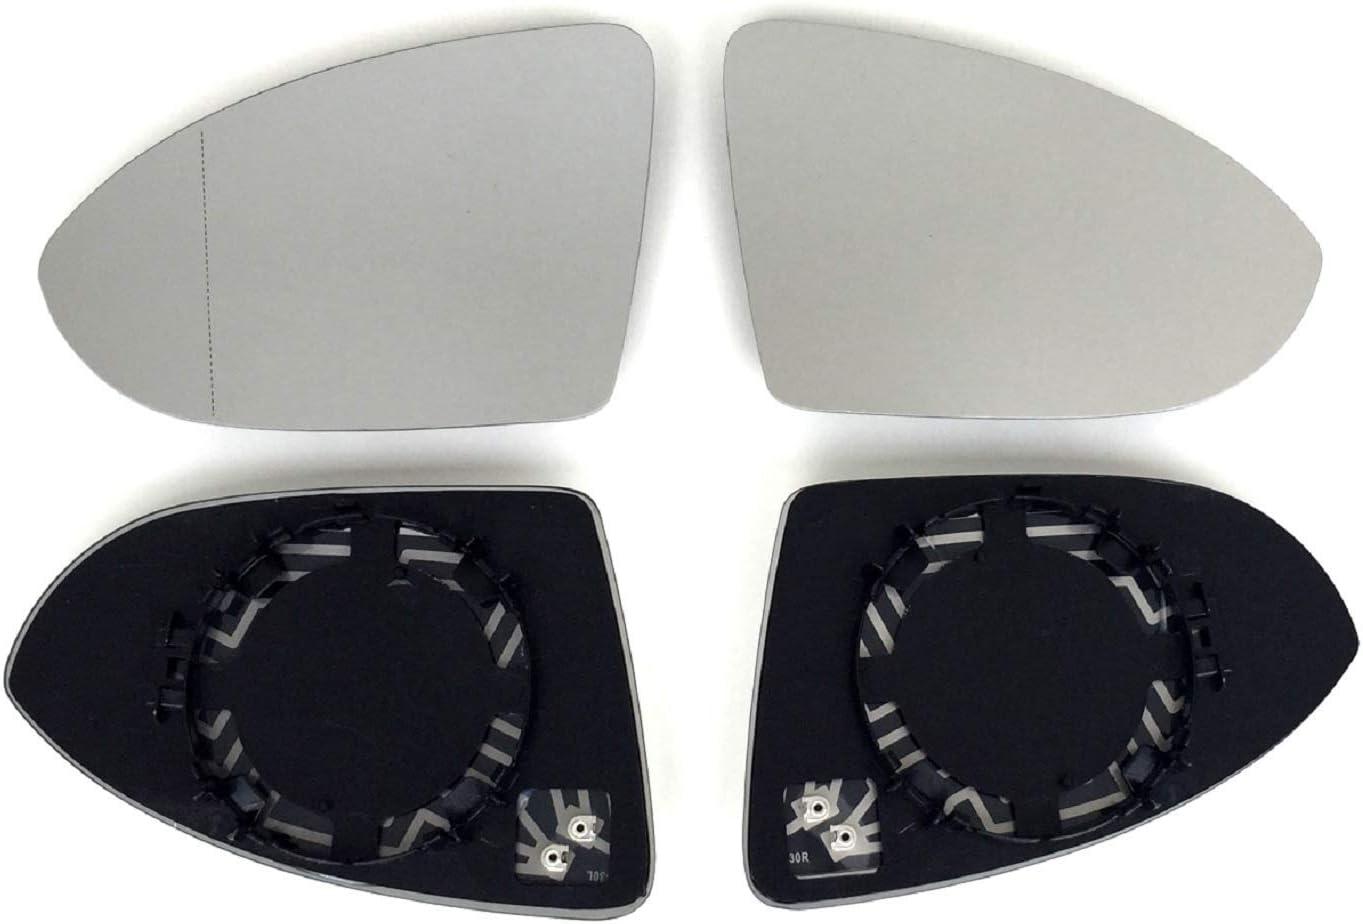 Pro Carpentis Spiegel Spiegelglas Links Rechts 2er Set Beheizt Ersatzglas Für Elektrische Und Manuelle Aussenspiegel Kompatibel Mit Golf 7 Ab 2013 Touran 5t1 Ab 2015 Auto